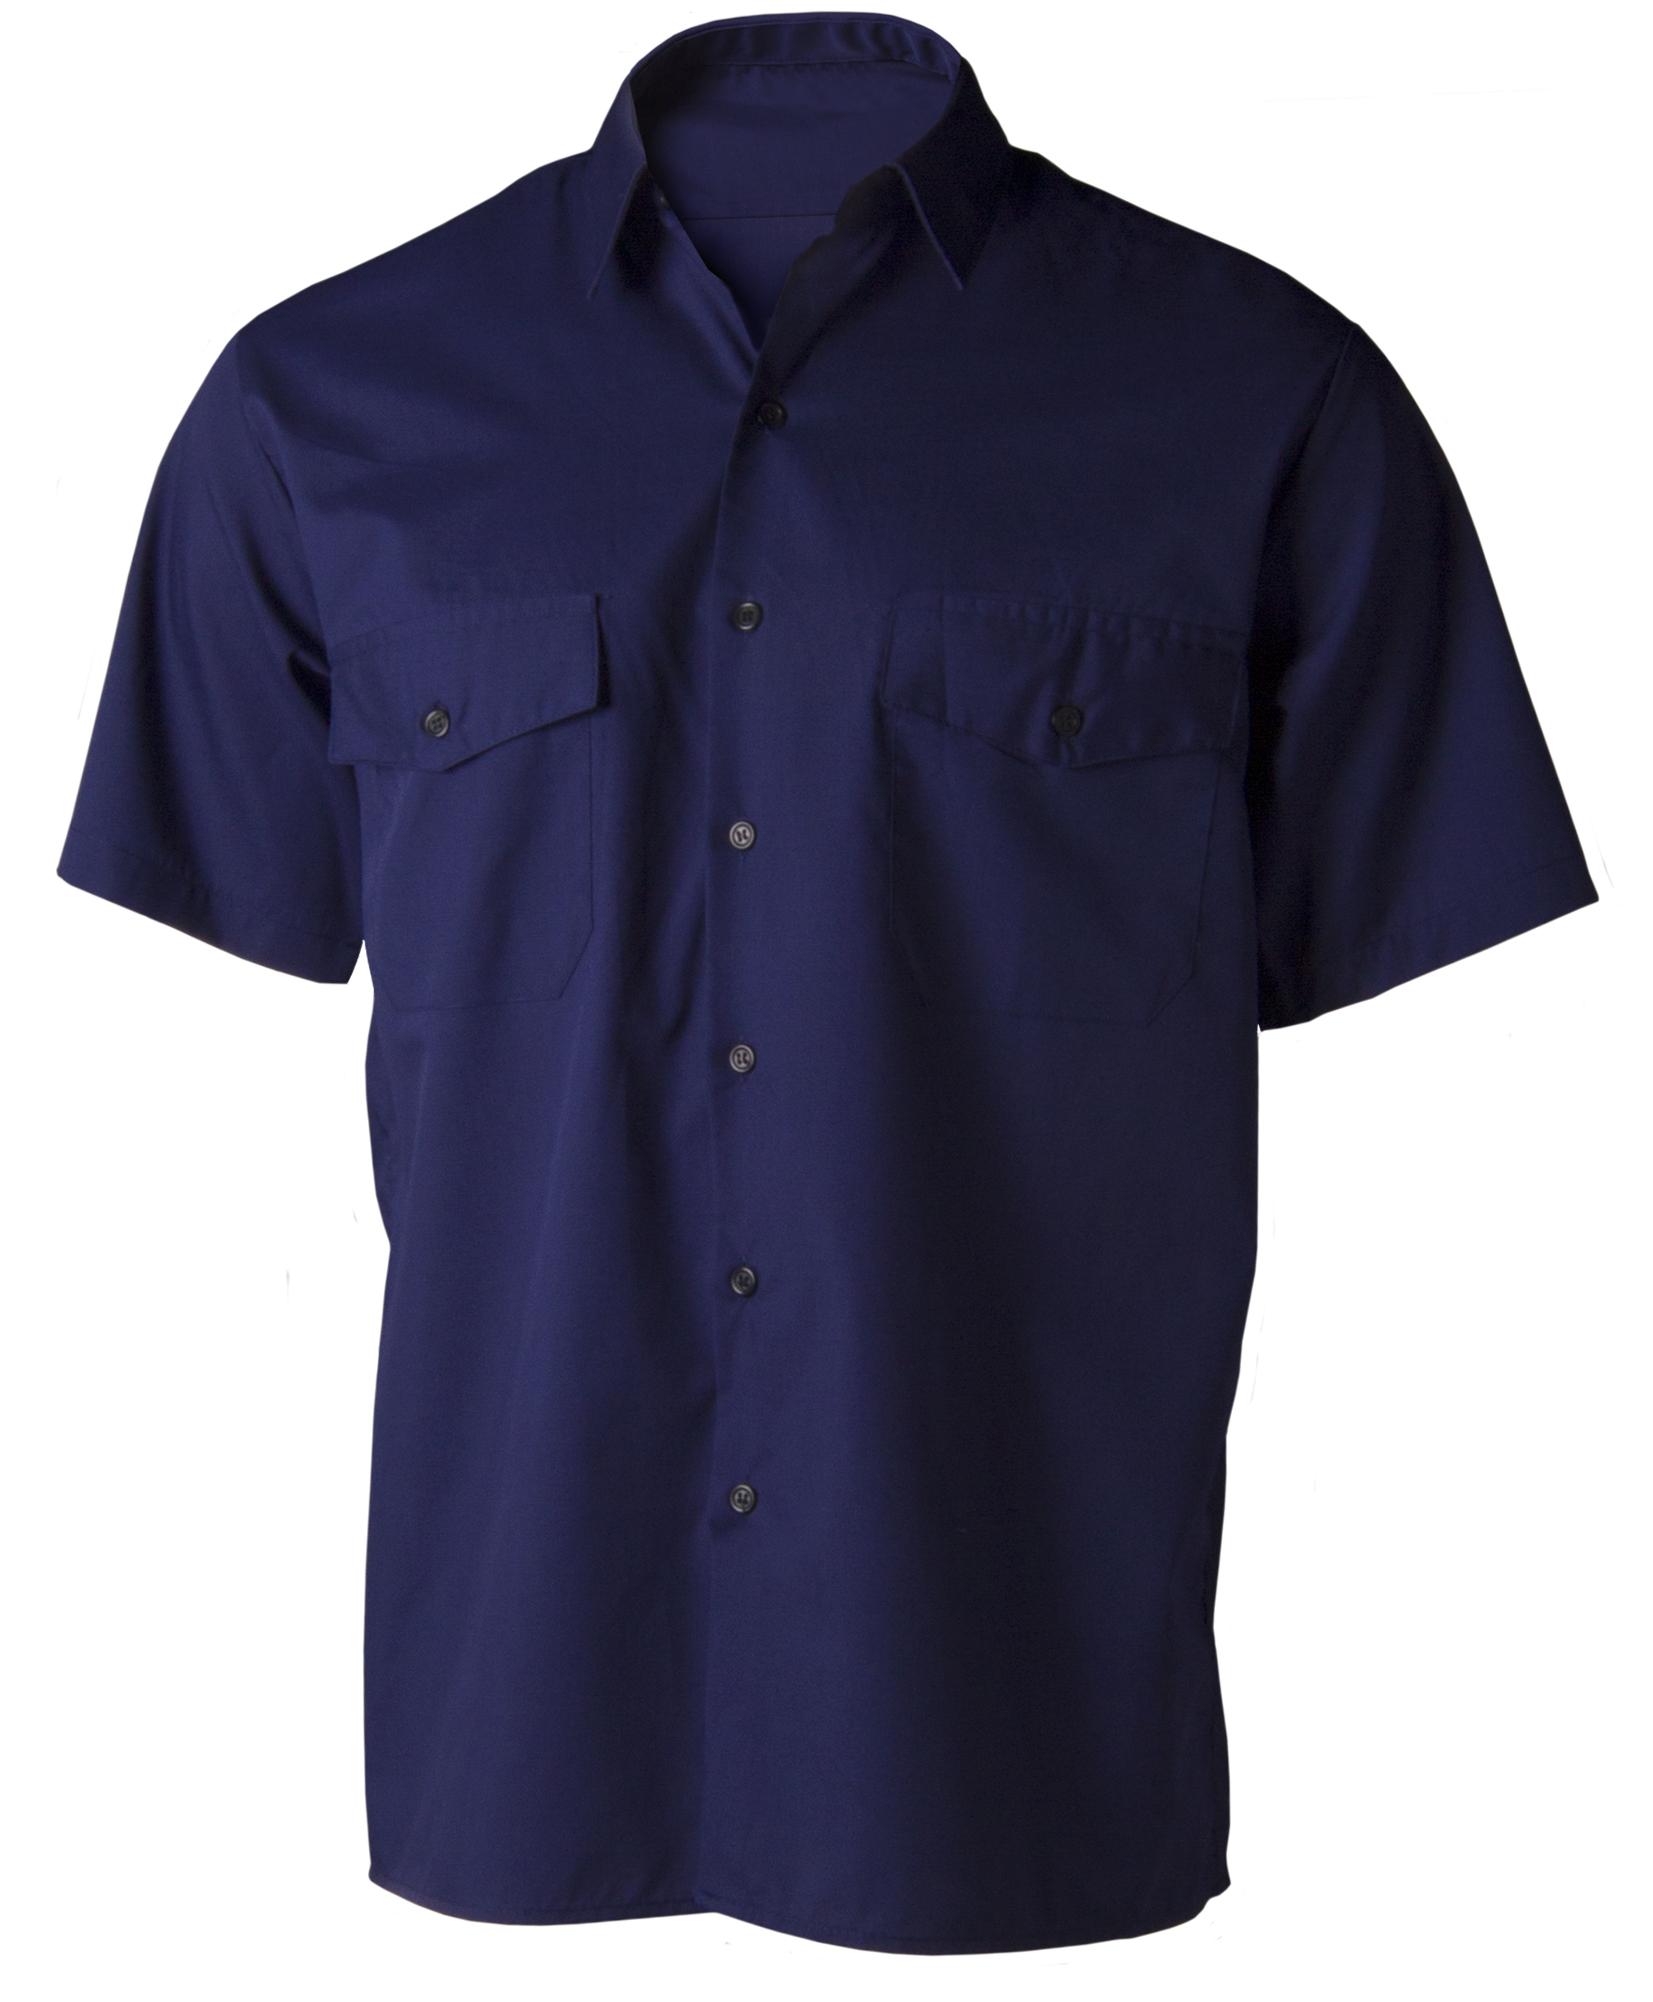 Shirt TKA light short sleeve Image